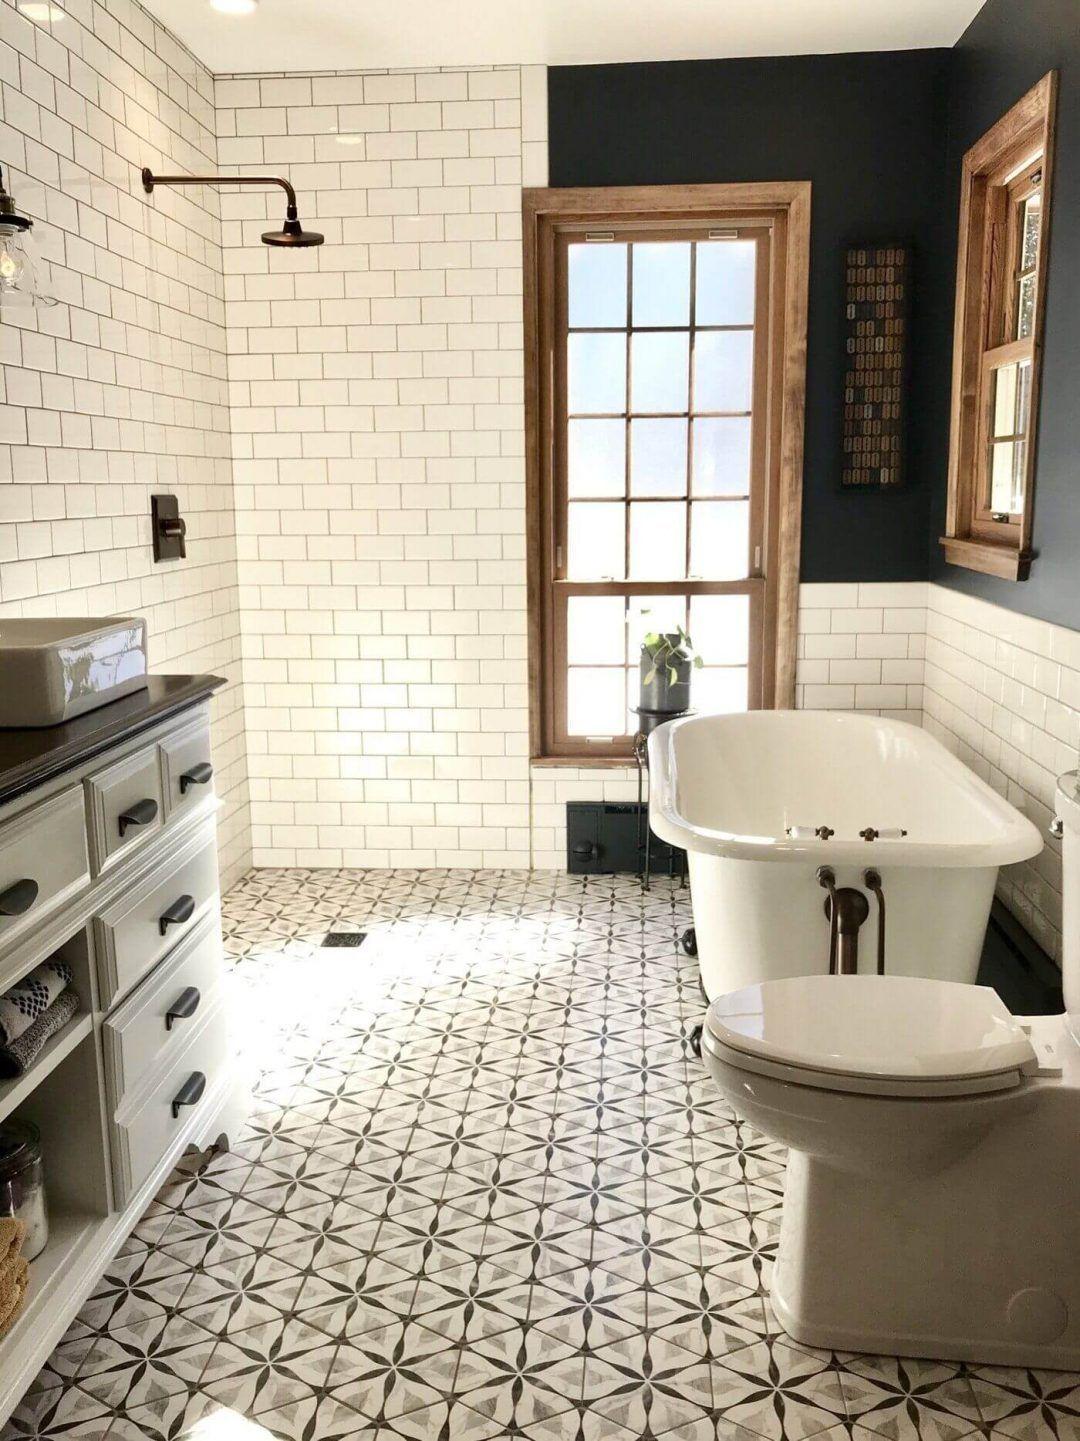 25 Farmhouse Bathroom Ideas For Bathroom Remodel - M9